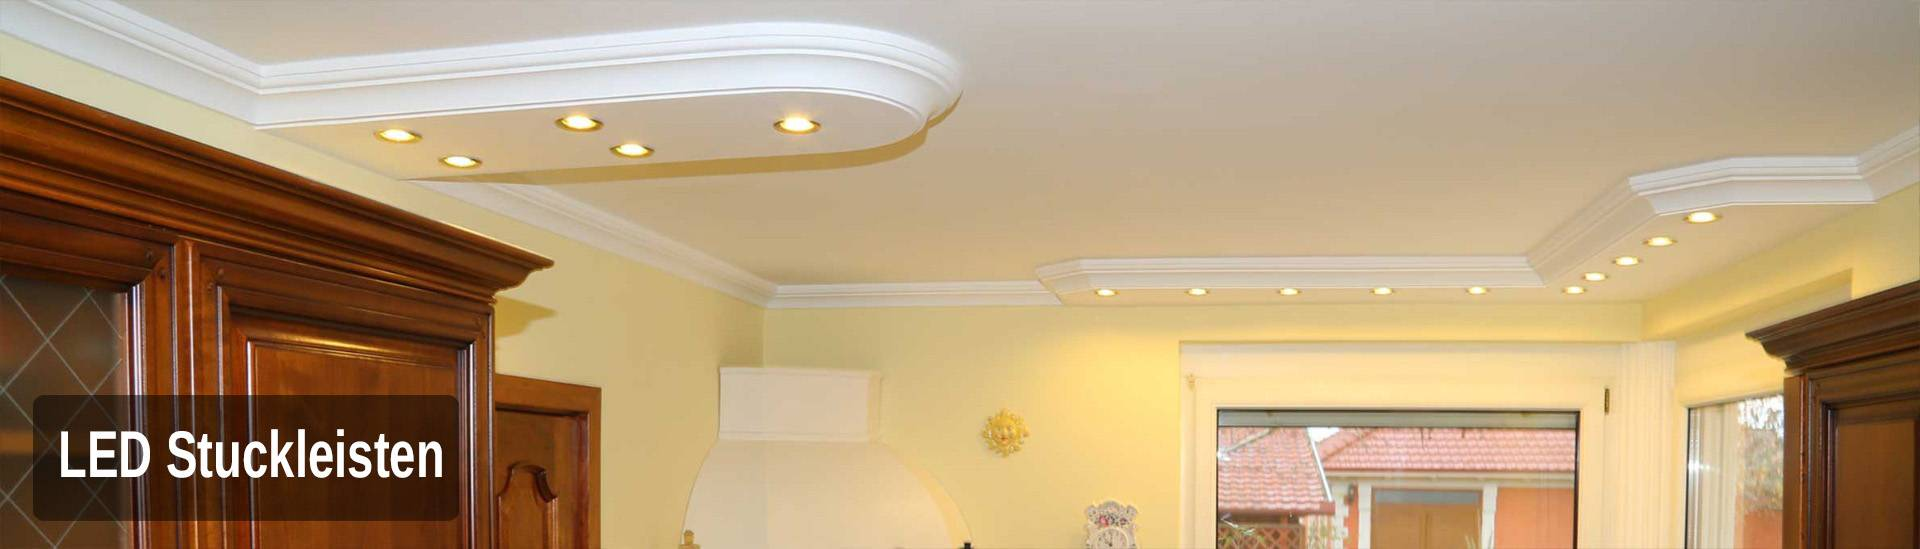 LED Spot Beleuchtung mit Stuckleisten in der Küche